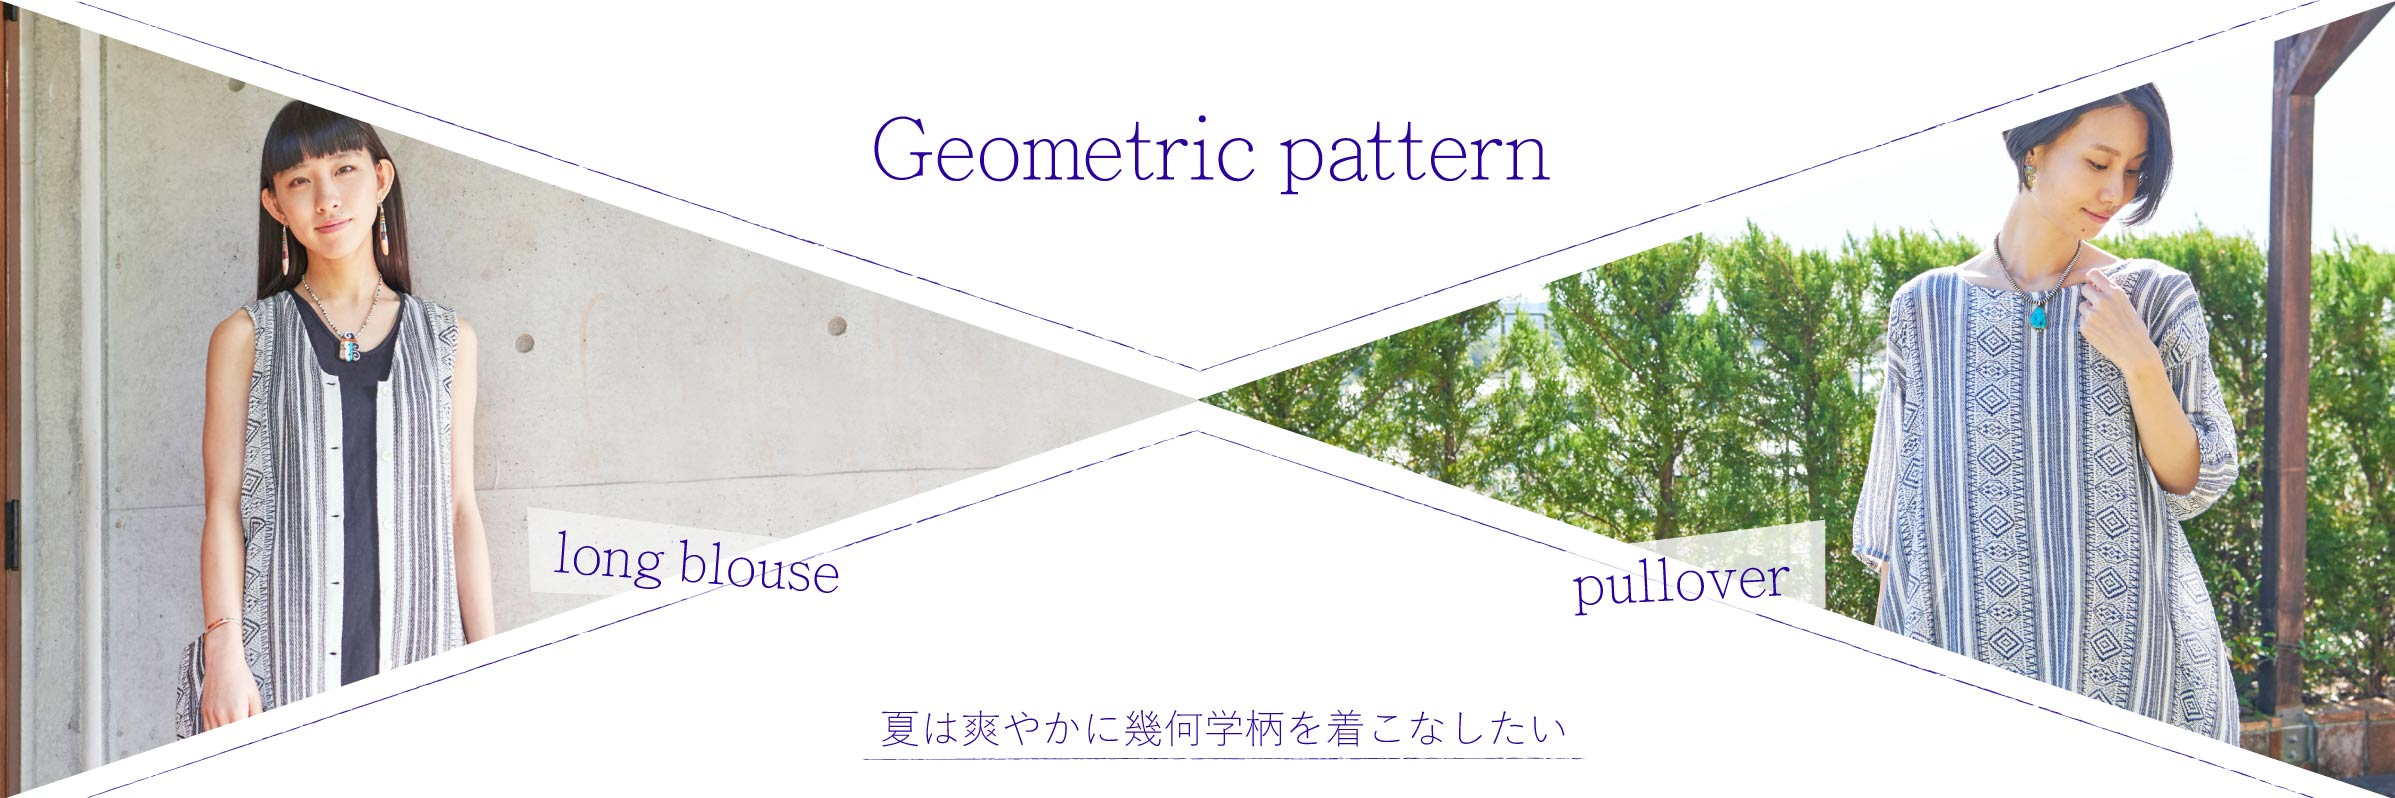 幾何学柄の爽やかなトップス